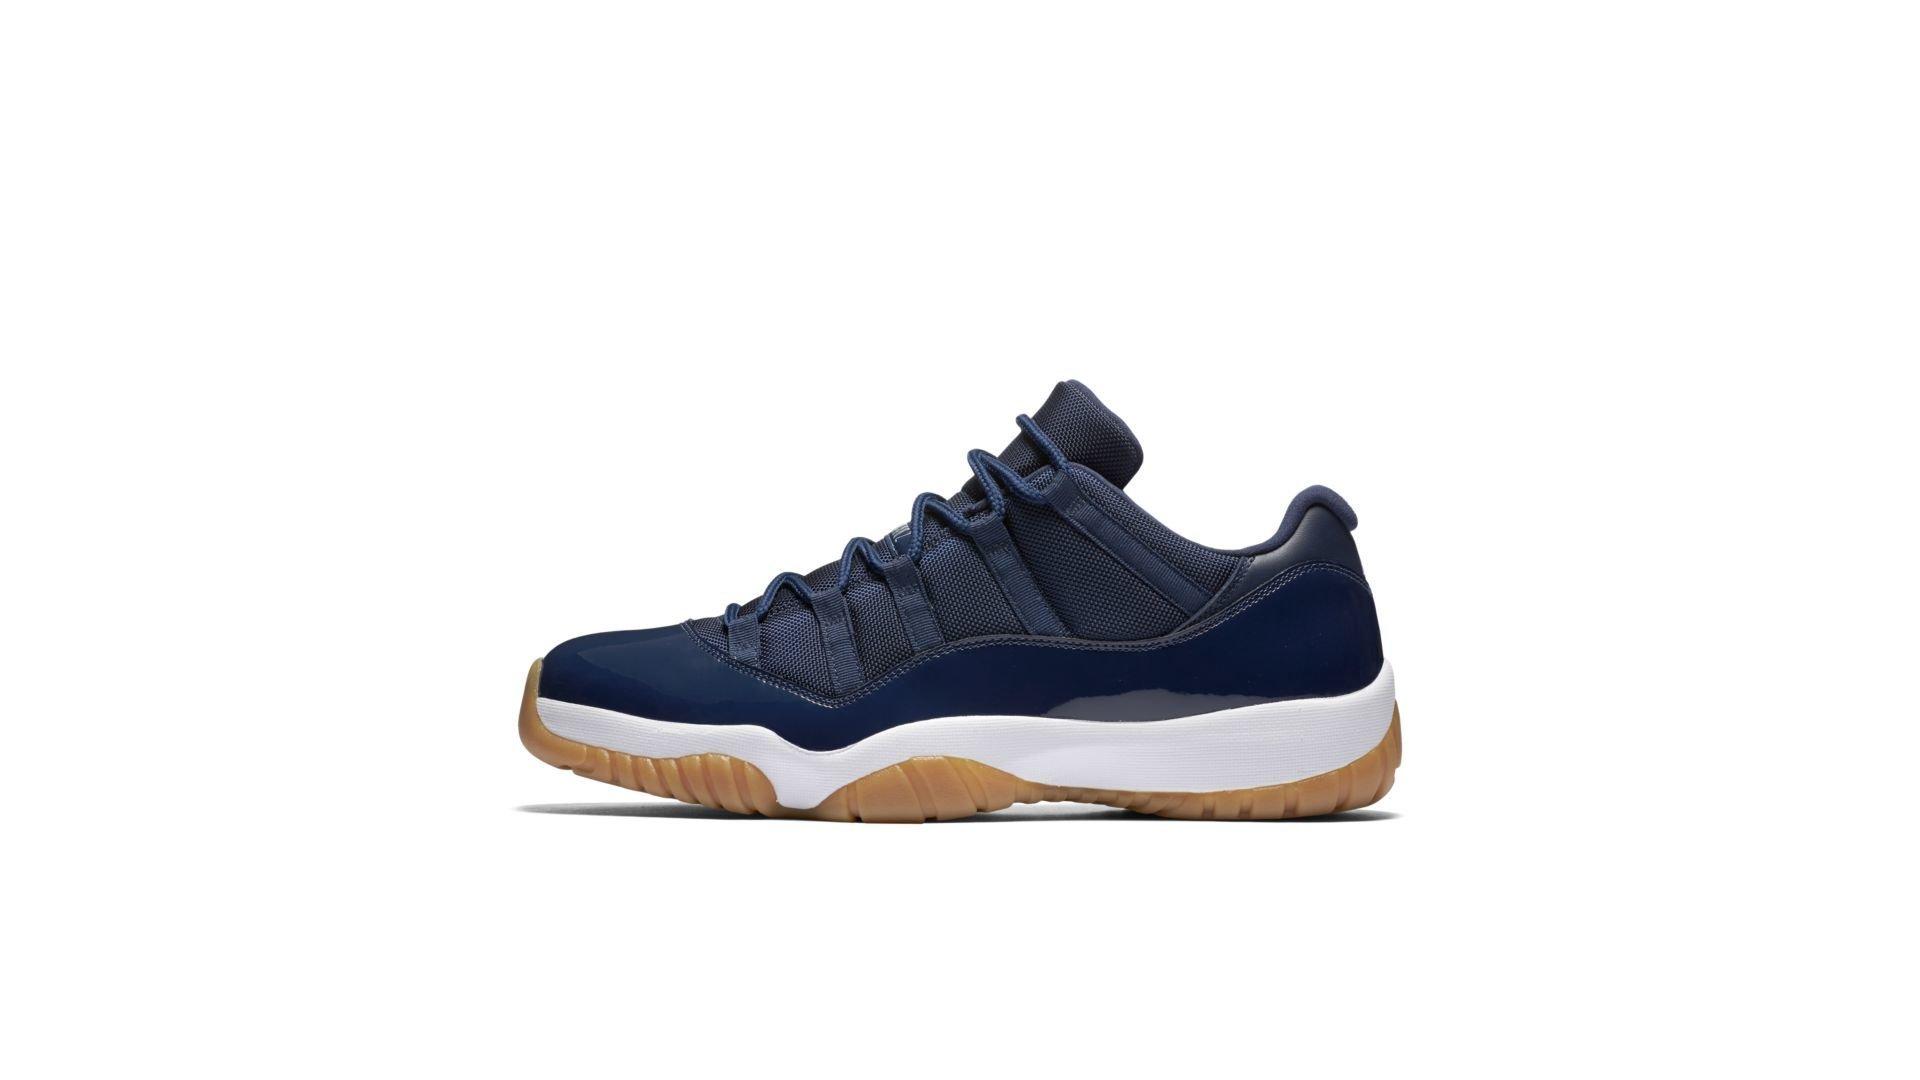 Jordan 11 Retro Low Midnight Navy (528895-405)